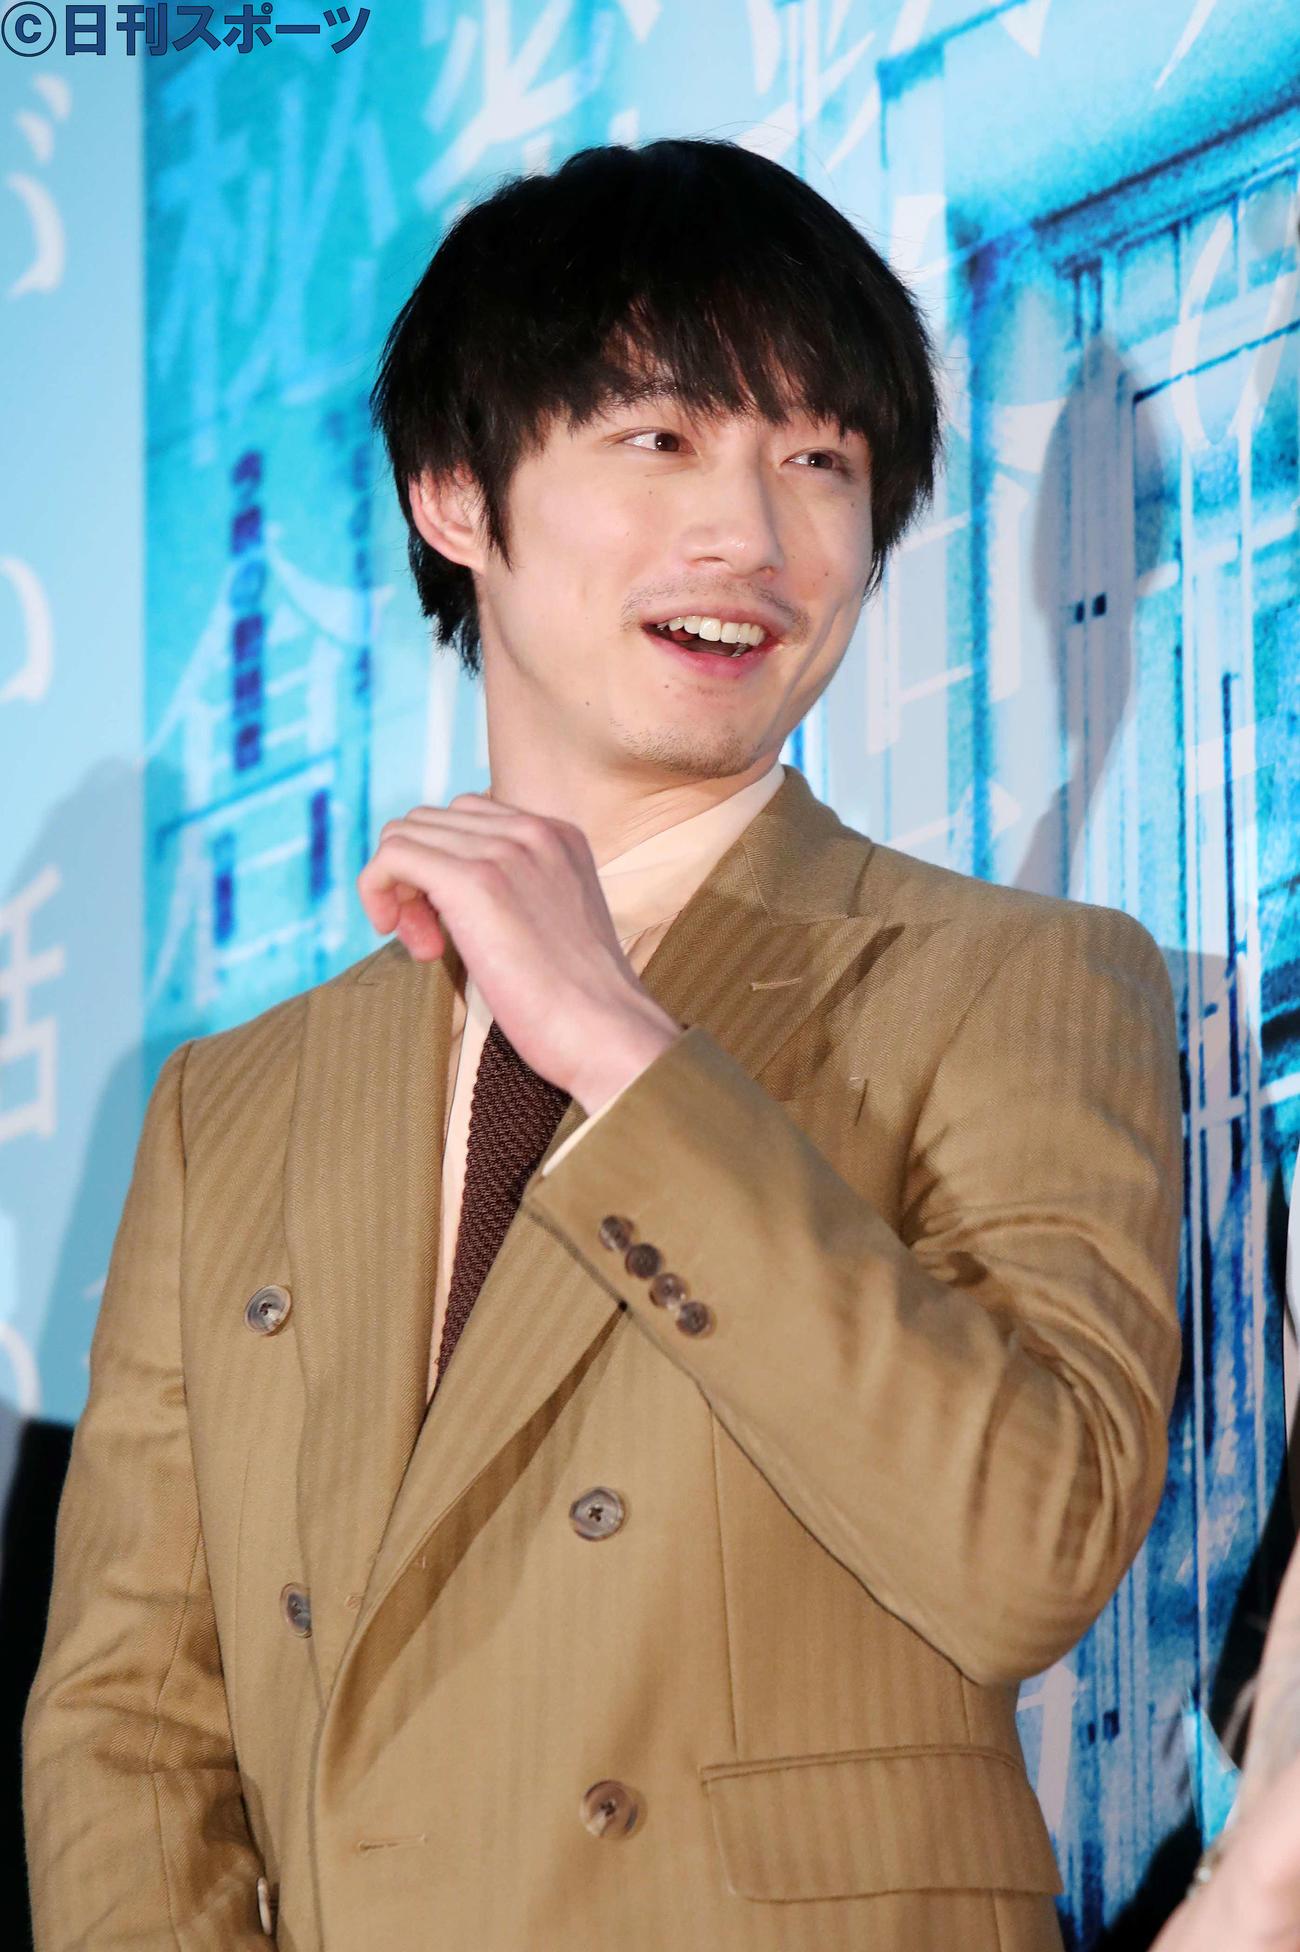 映画「仮面病棟」ジャパンプレミアに出席した坂口健太郎